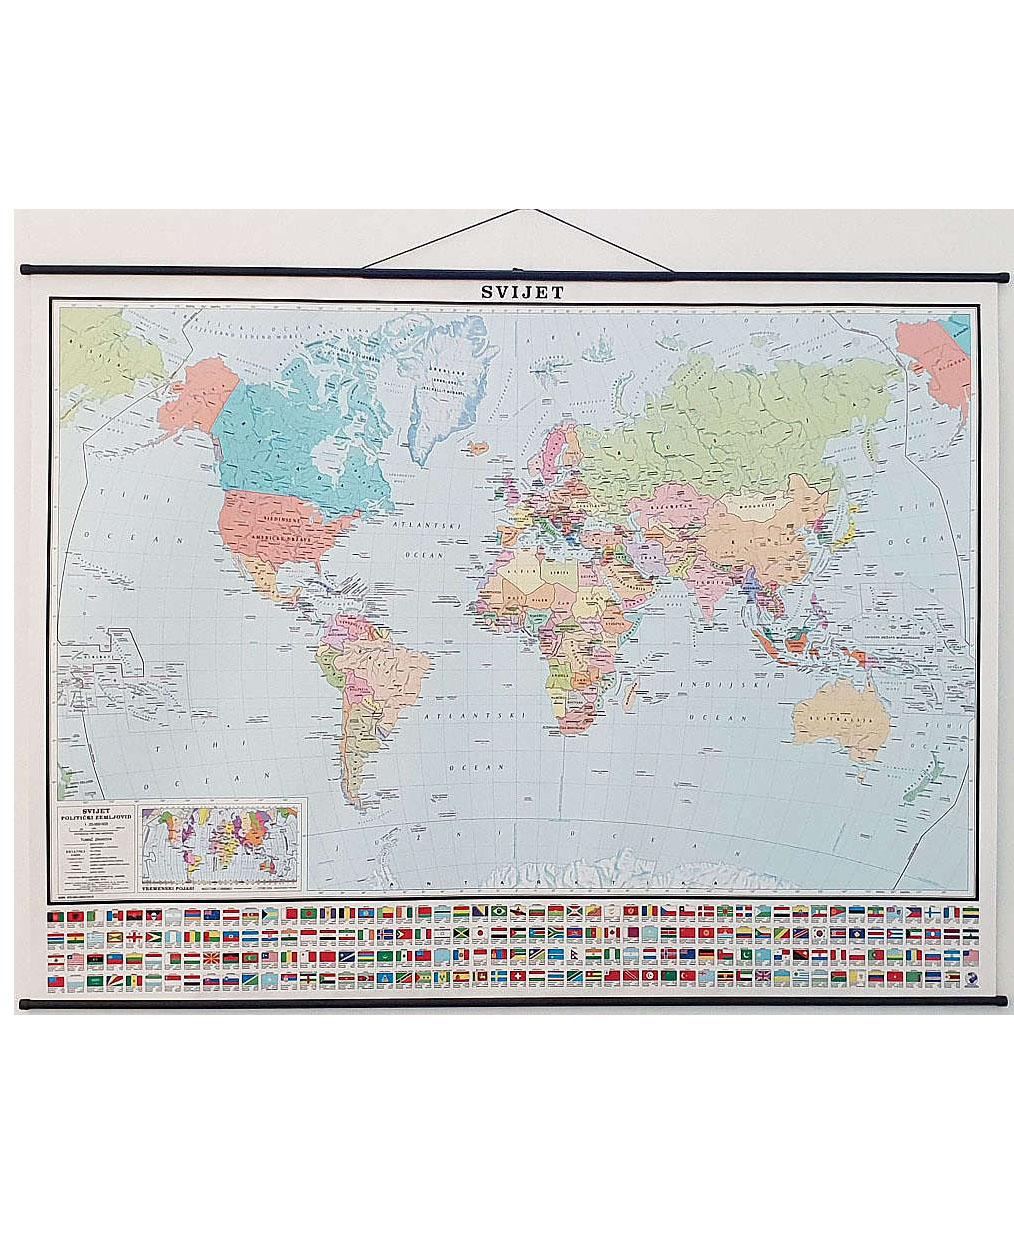 Geografska karta Svijet (politički zemljovid)